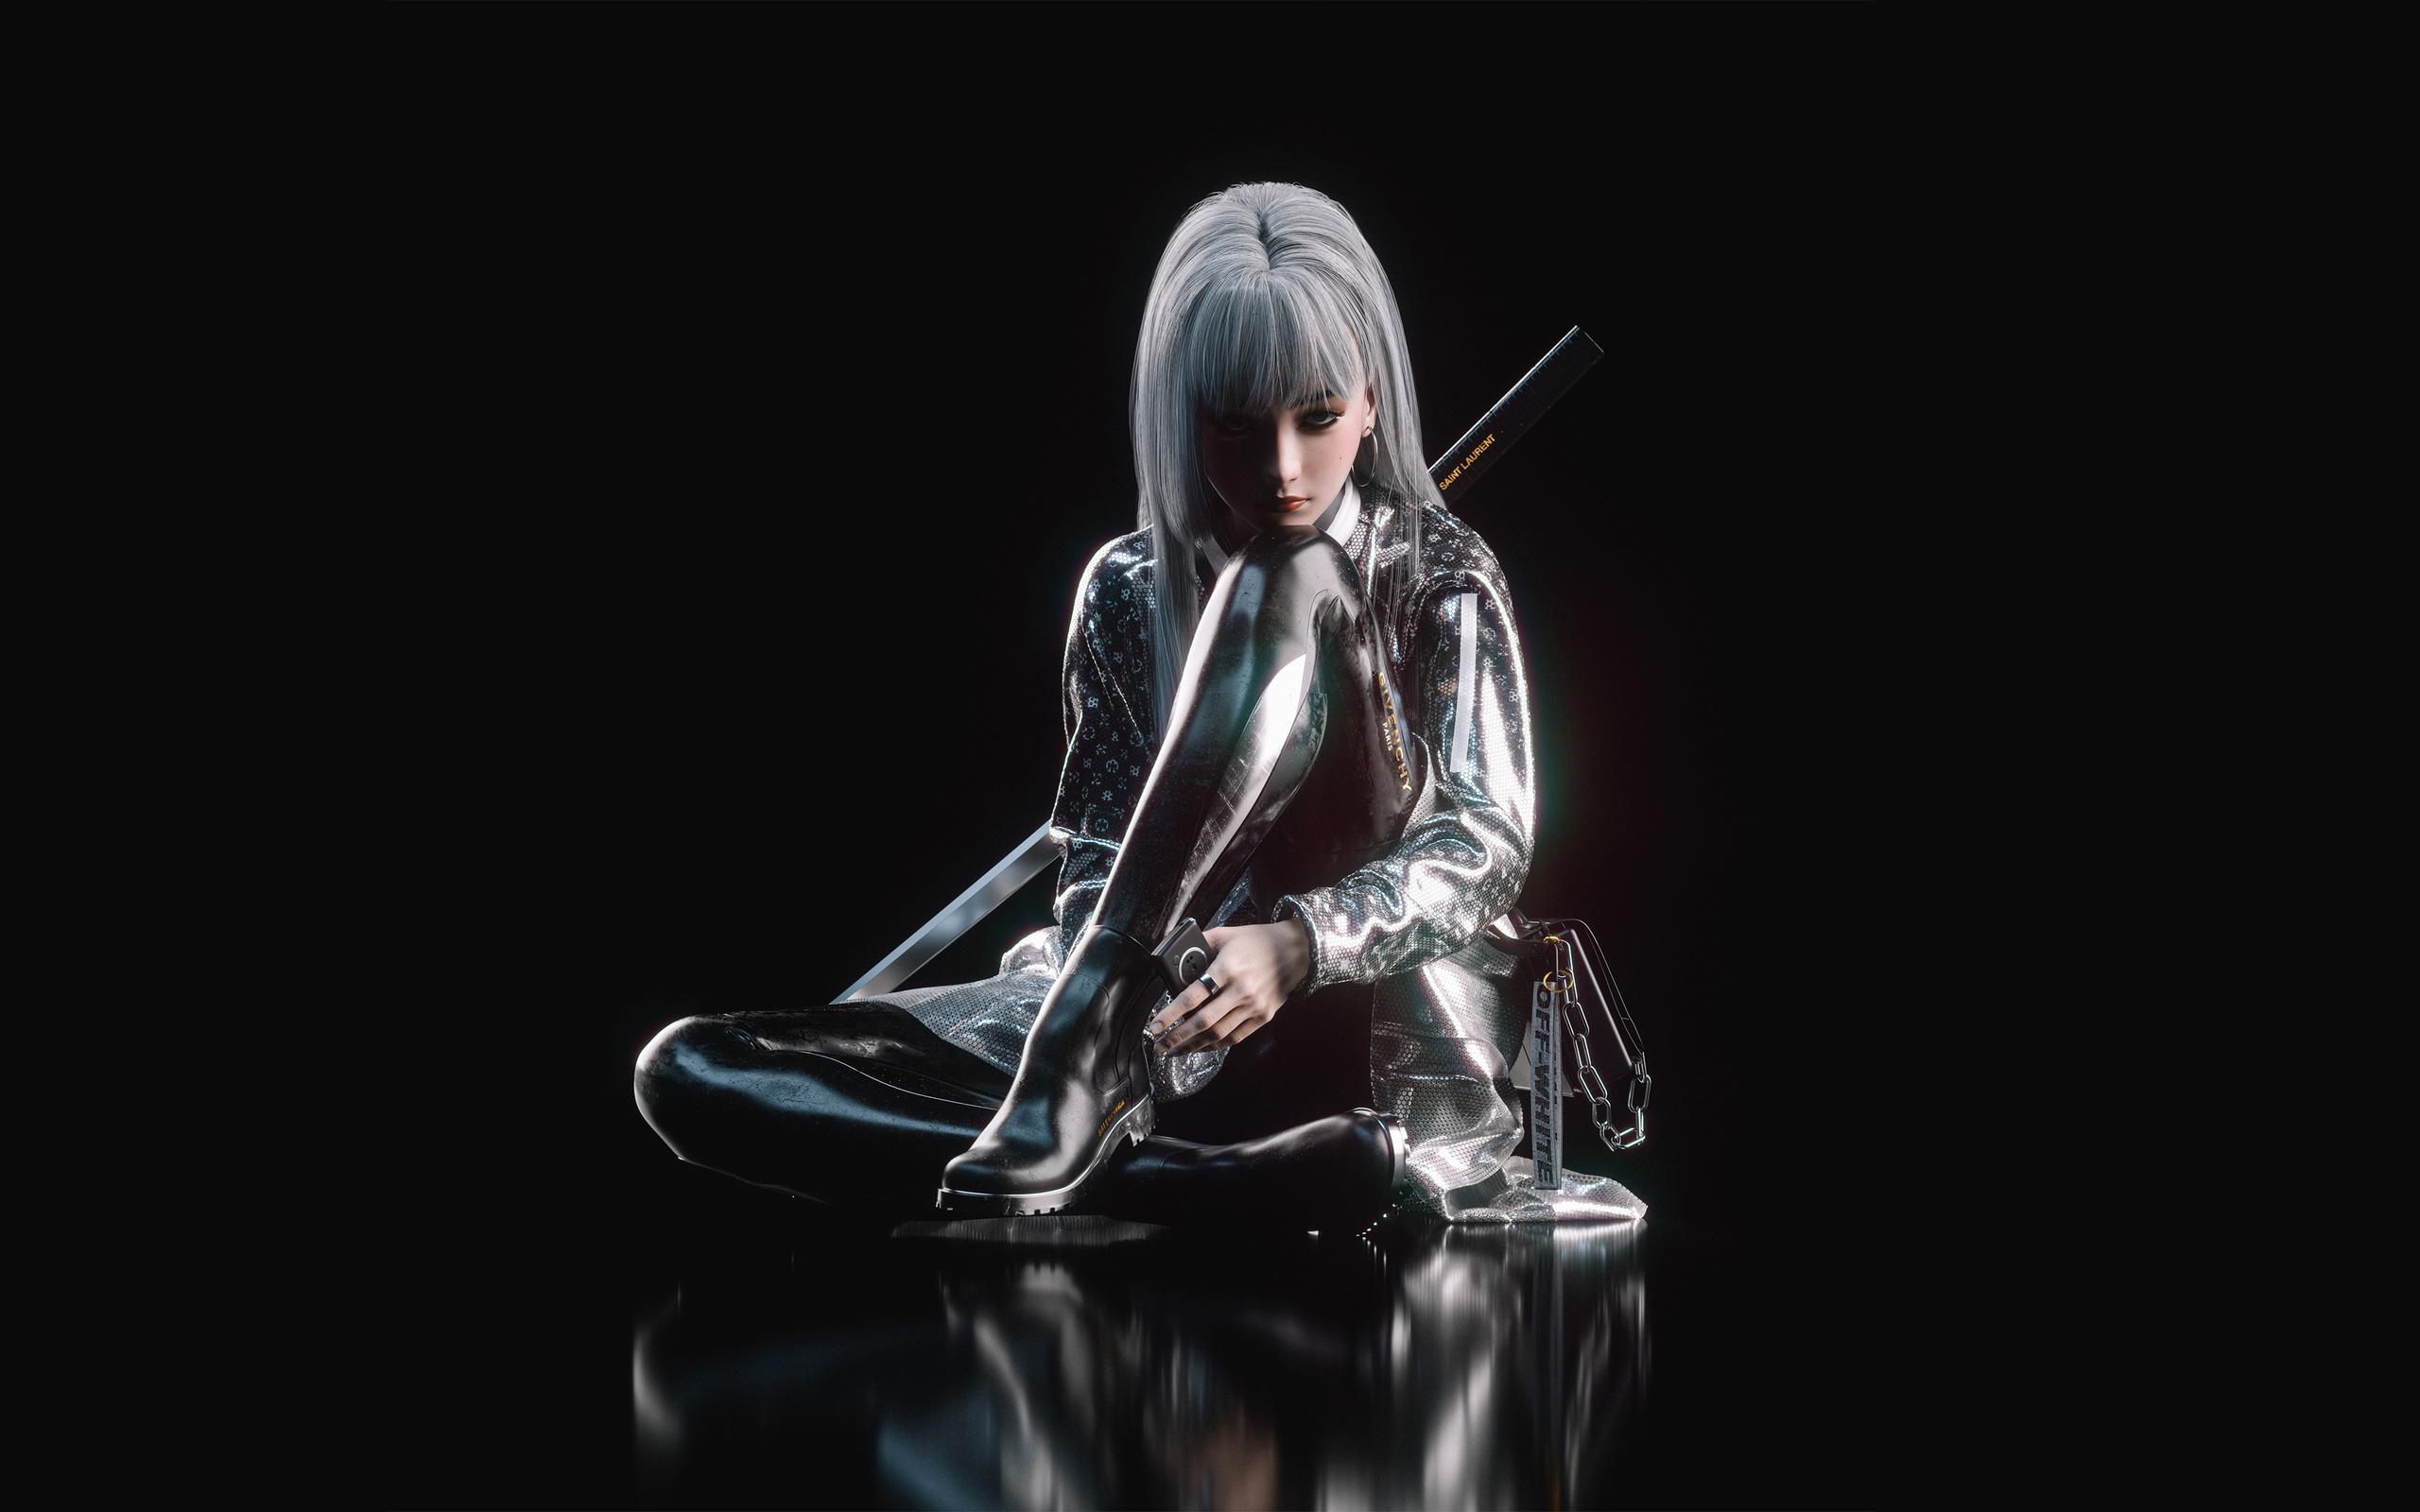 white, hair, asian, assassin, girl